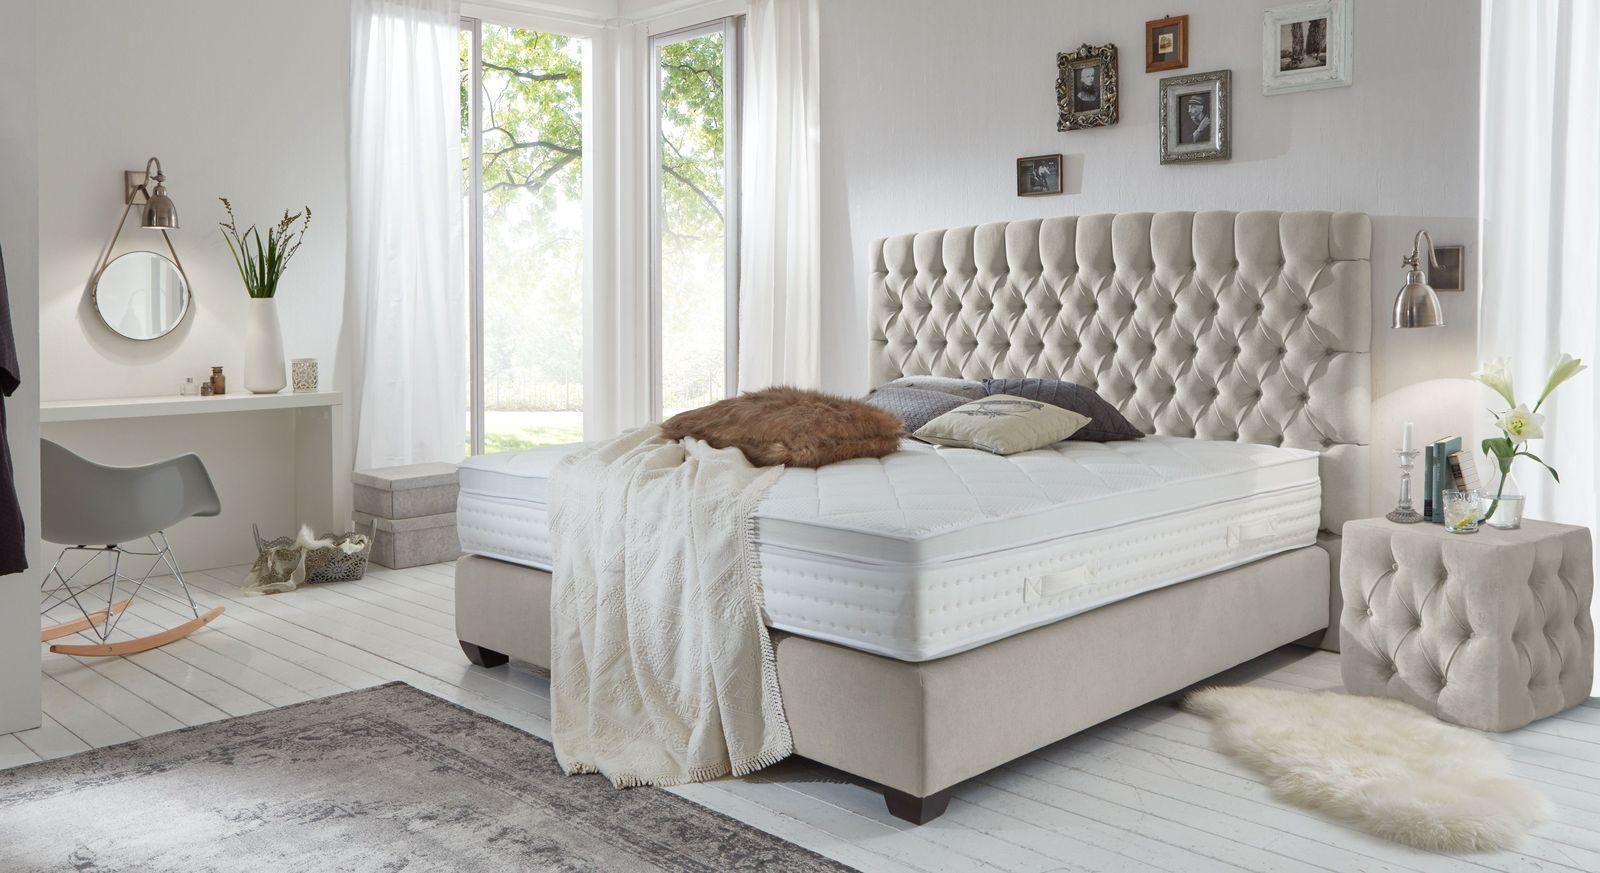 Boxspringbett Palmdale mit passendem Nachttisch und Teppich